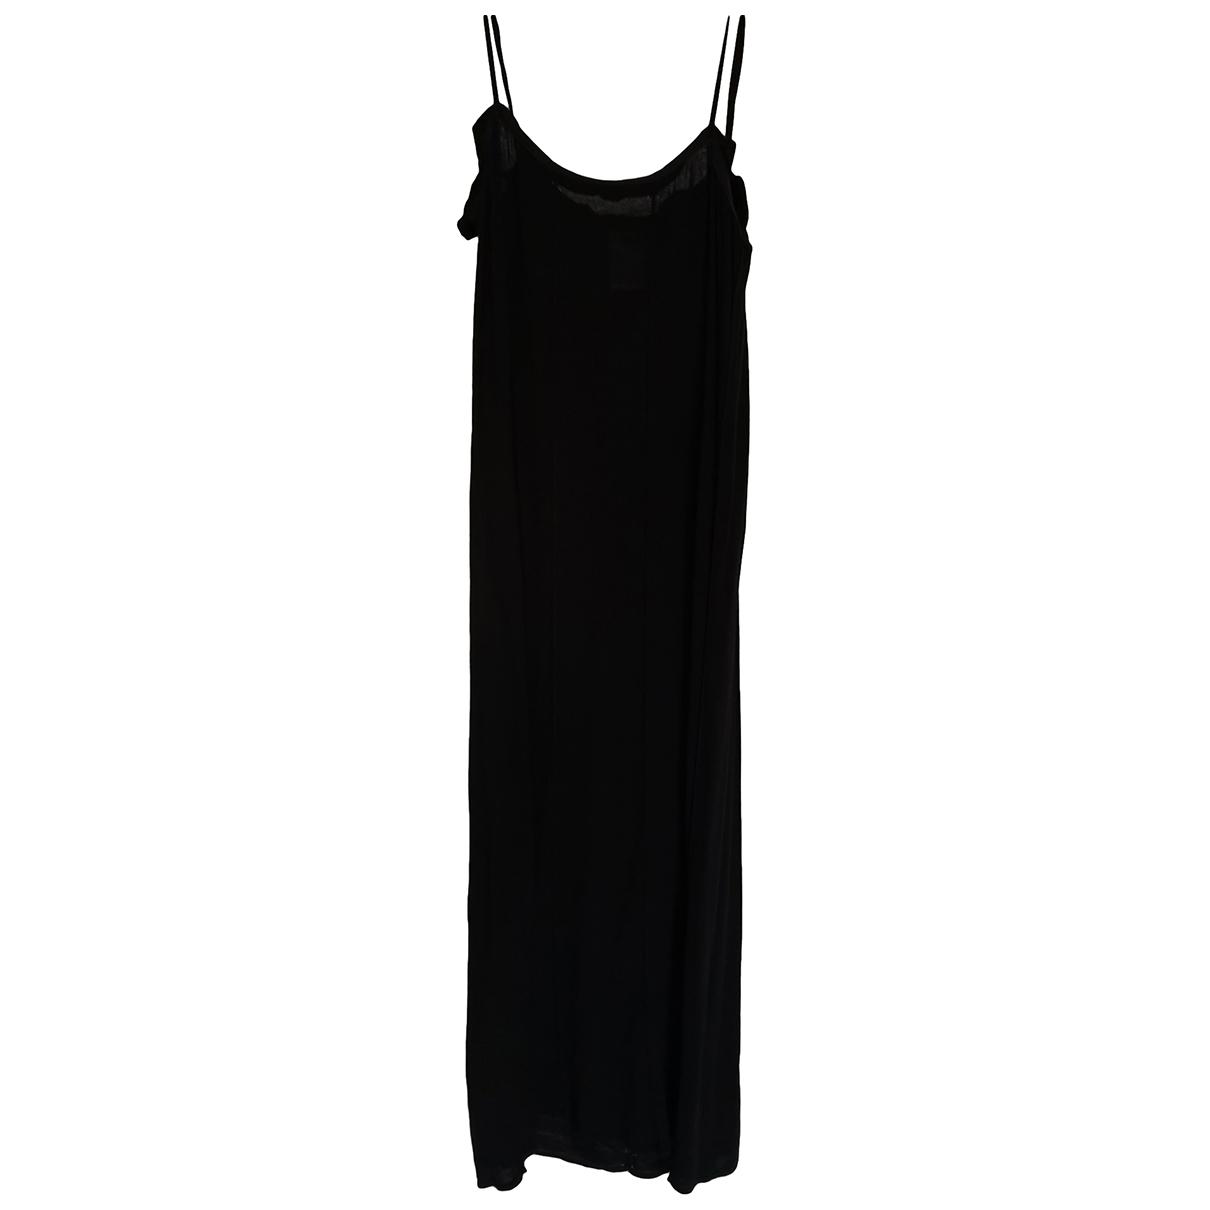 Patrizia Pepe \N Black Cotton dress for Women 42 IT